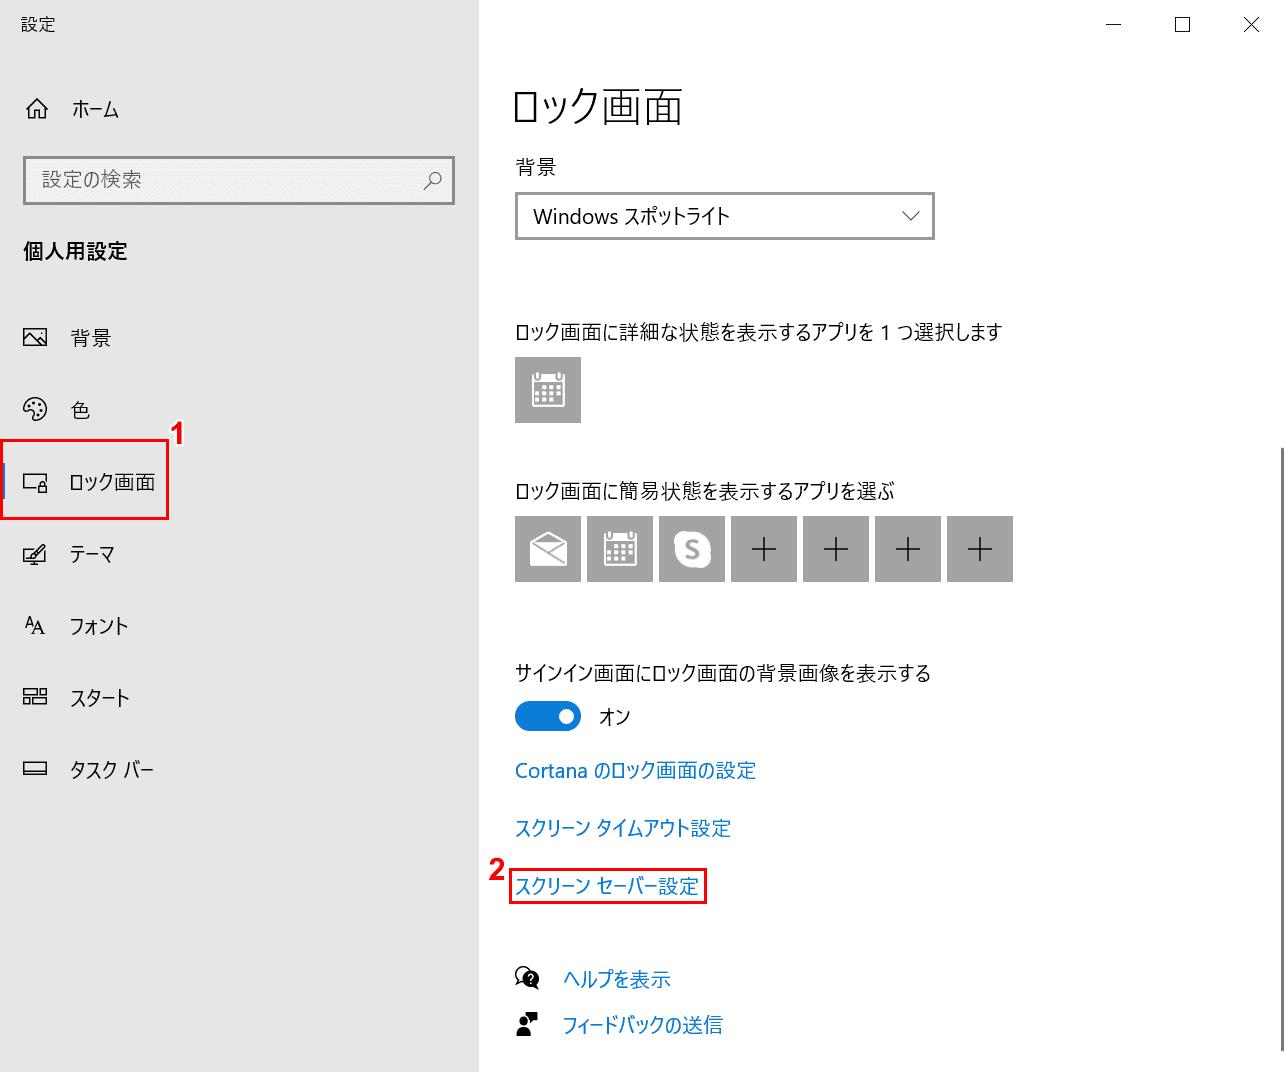 スクリーンセーバー変更